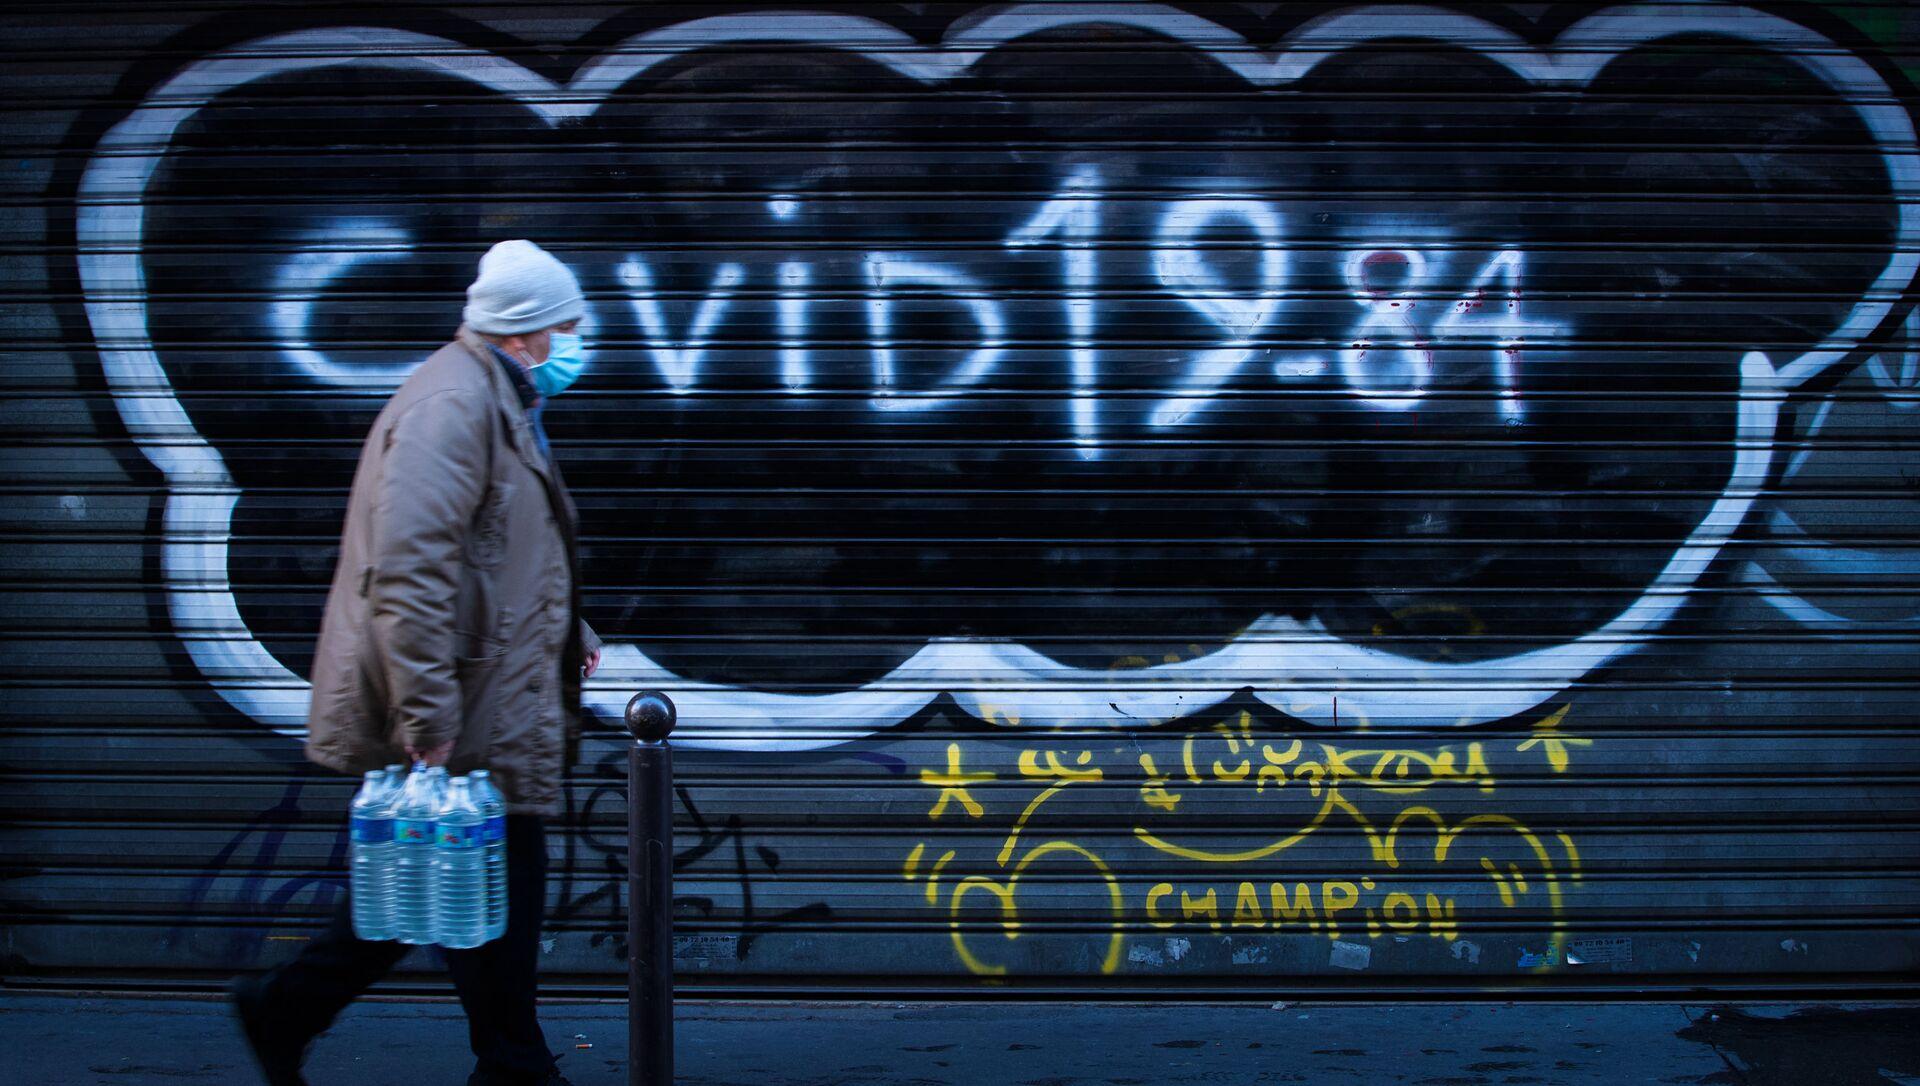 Un homme marche dans la rue pendant le second confinement en France, décembre 2020 - Sputnik France, 1920, 04.08.2021